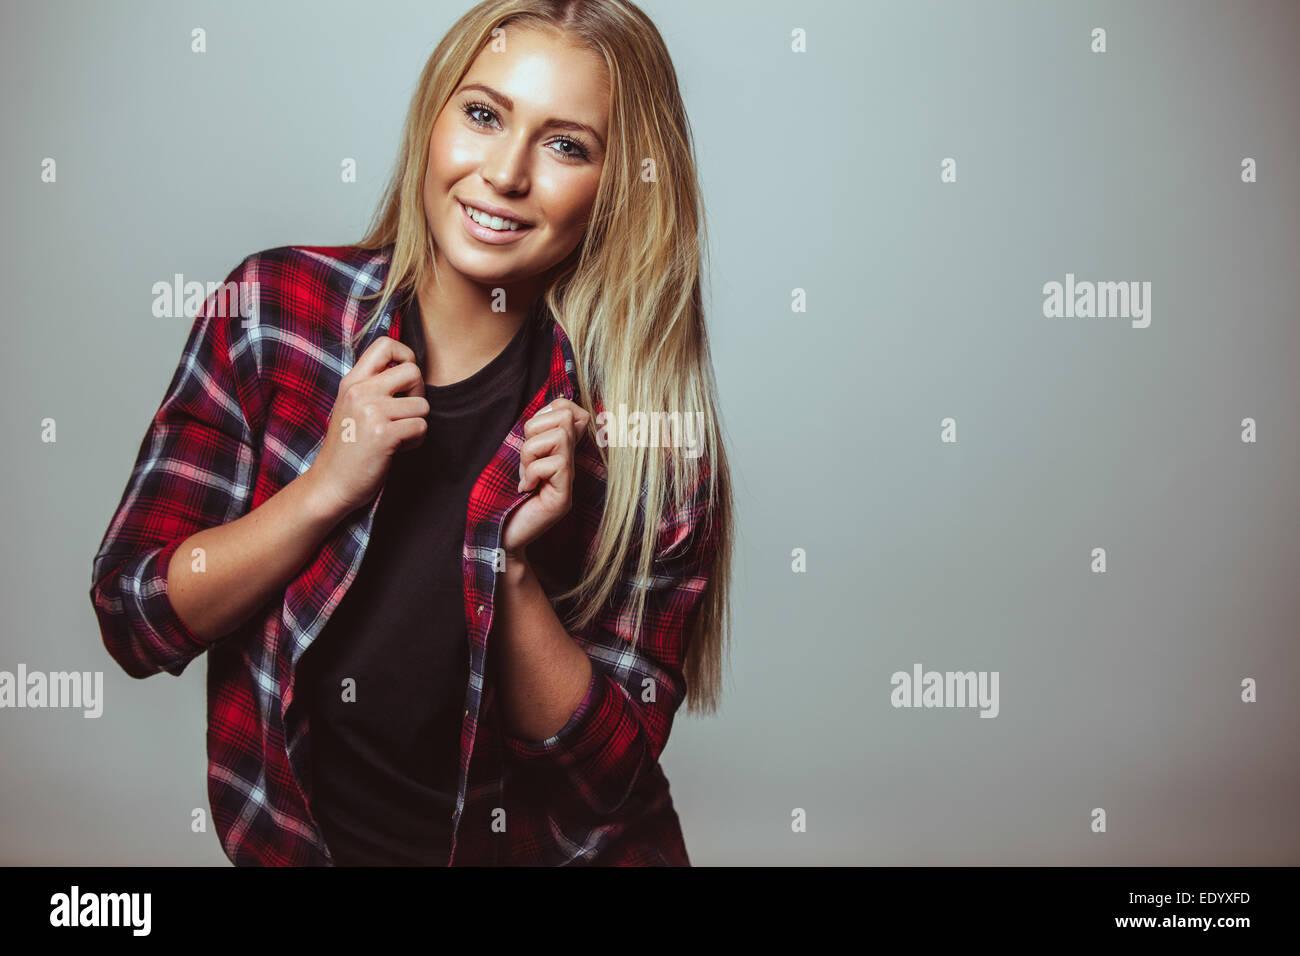 Porträt der glückliche junge Frau in Freizeitkleidung gegen weiße Wand. Junger Teenager Blick in Stockbild